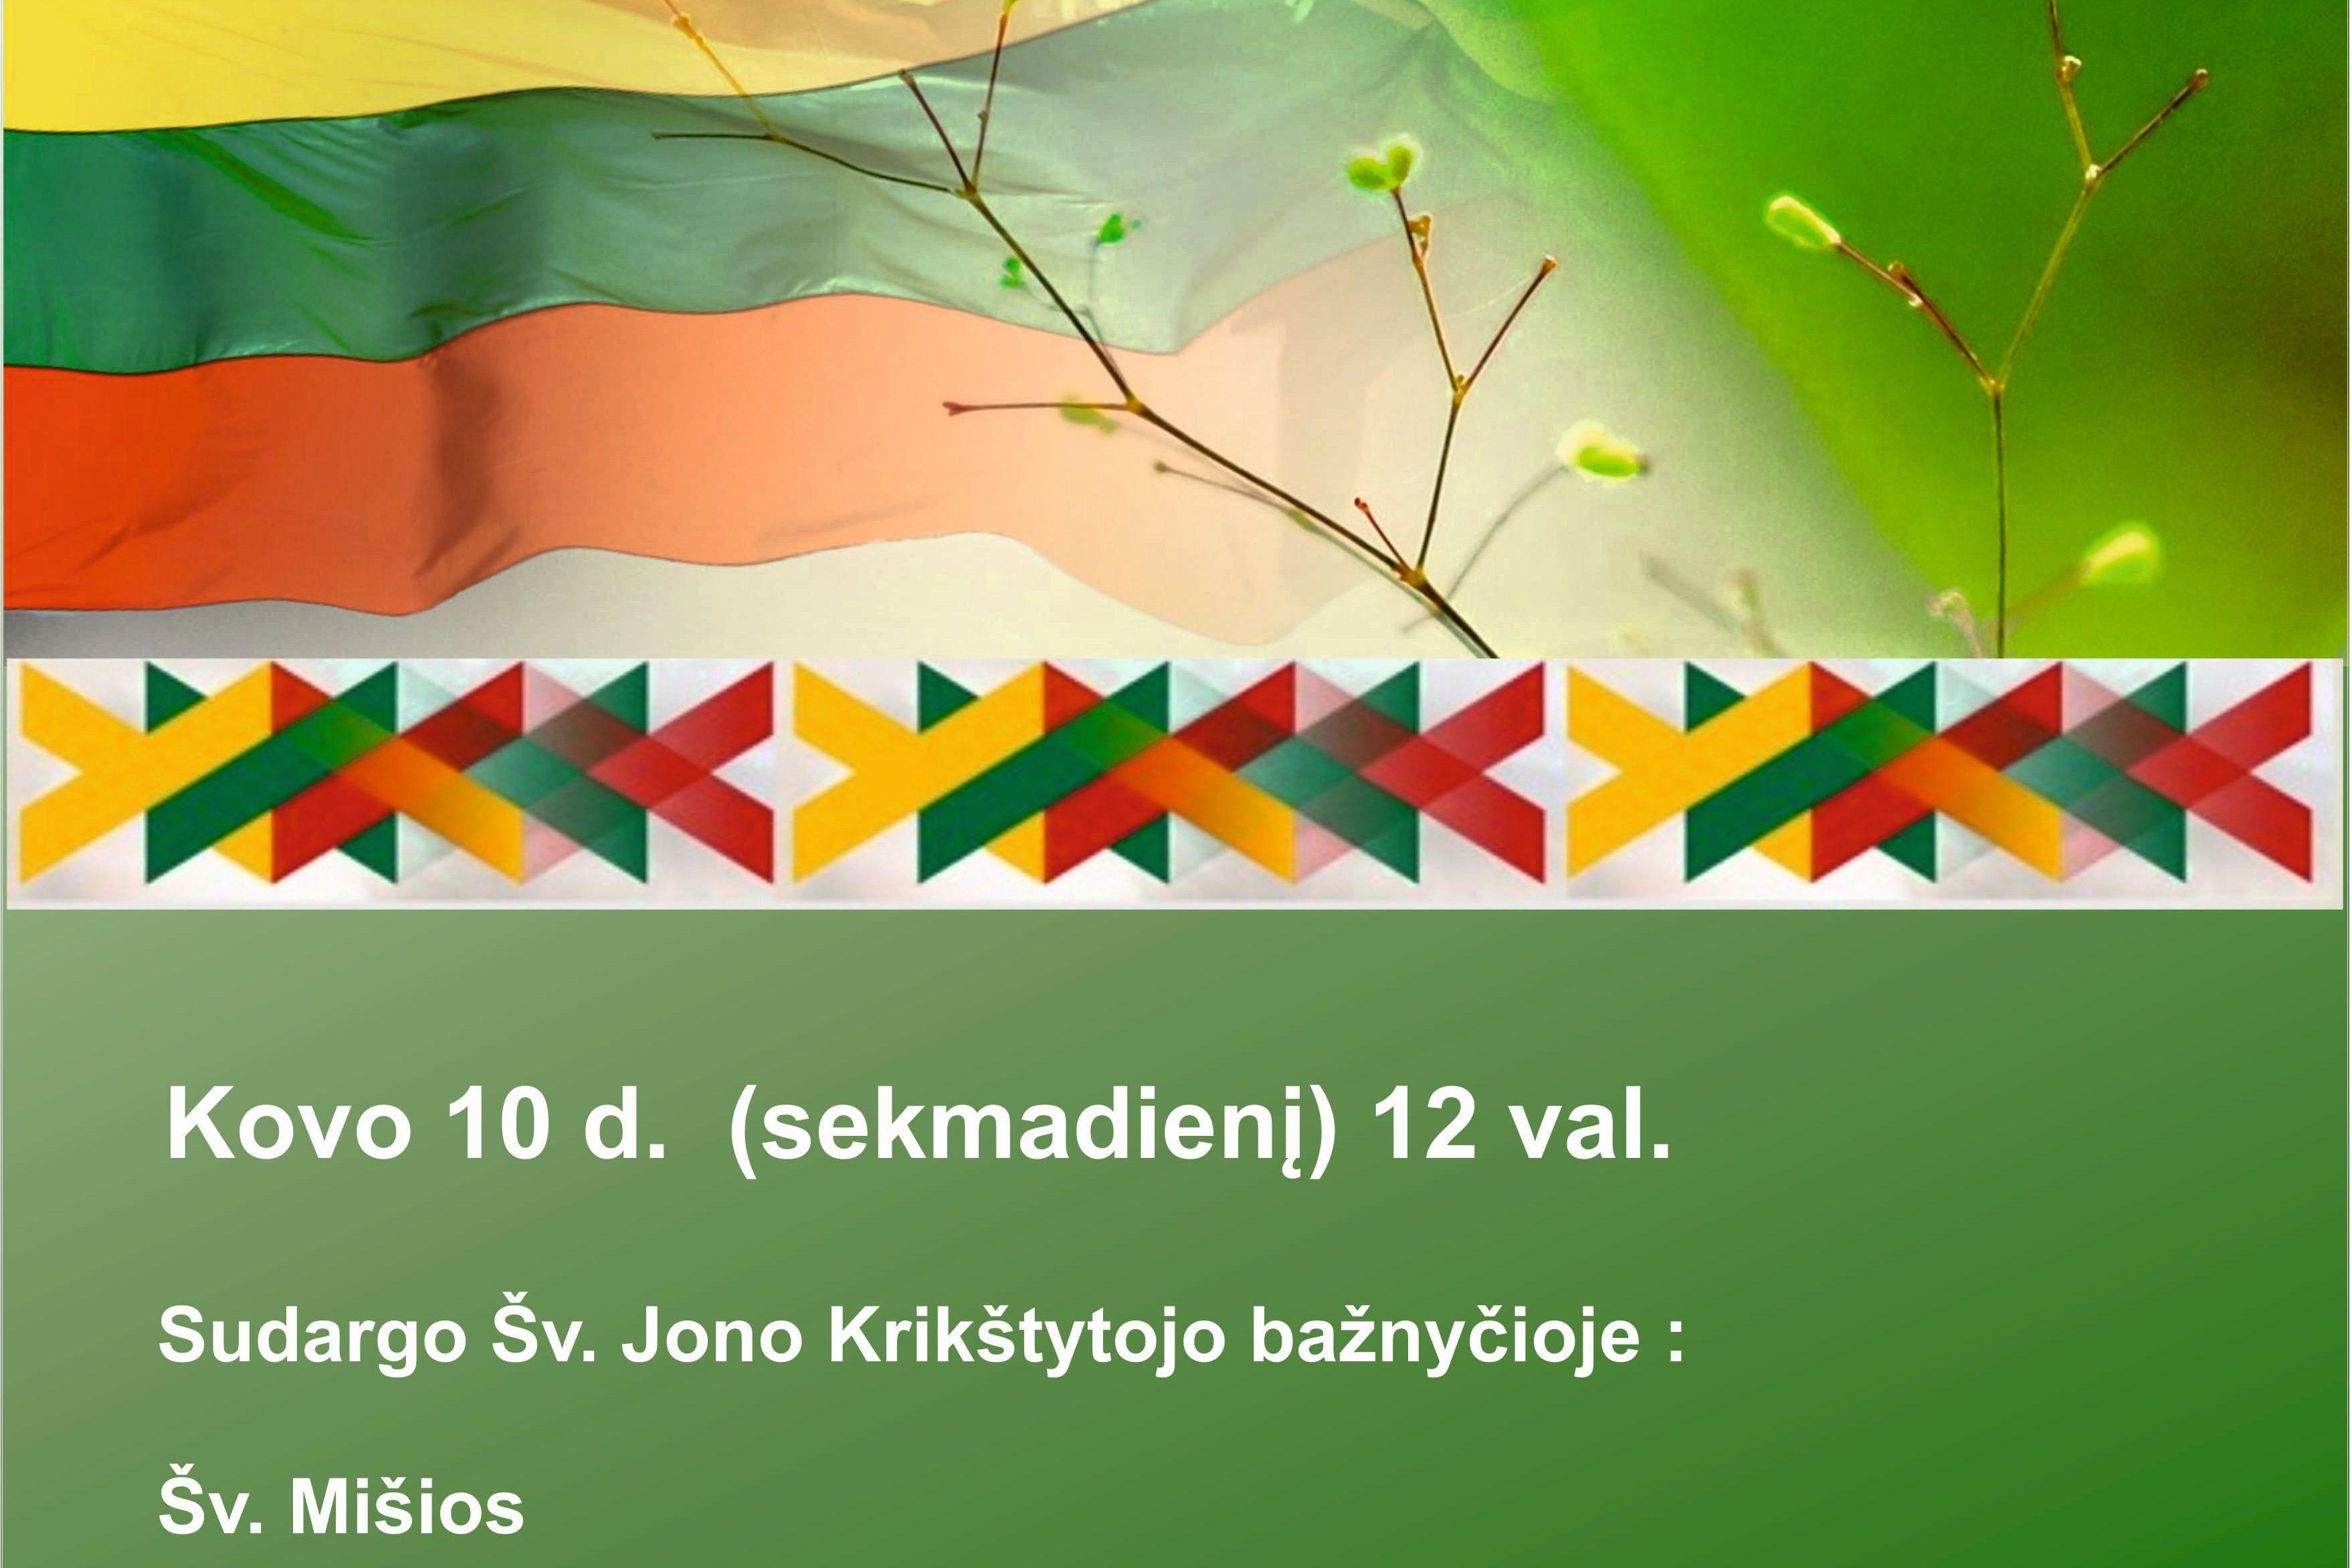 Lietuvos Nepriklausomybės atkūrimo dienos minėjimas Sudarge